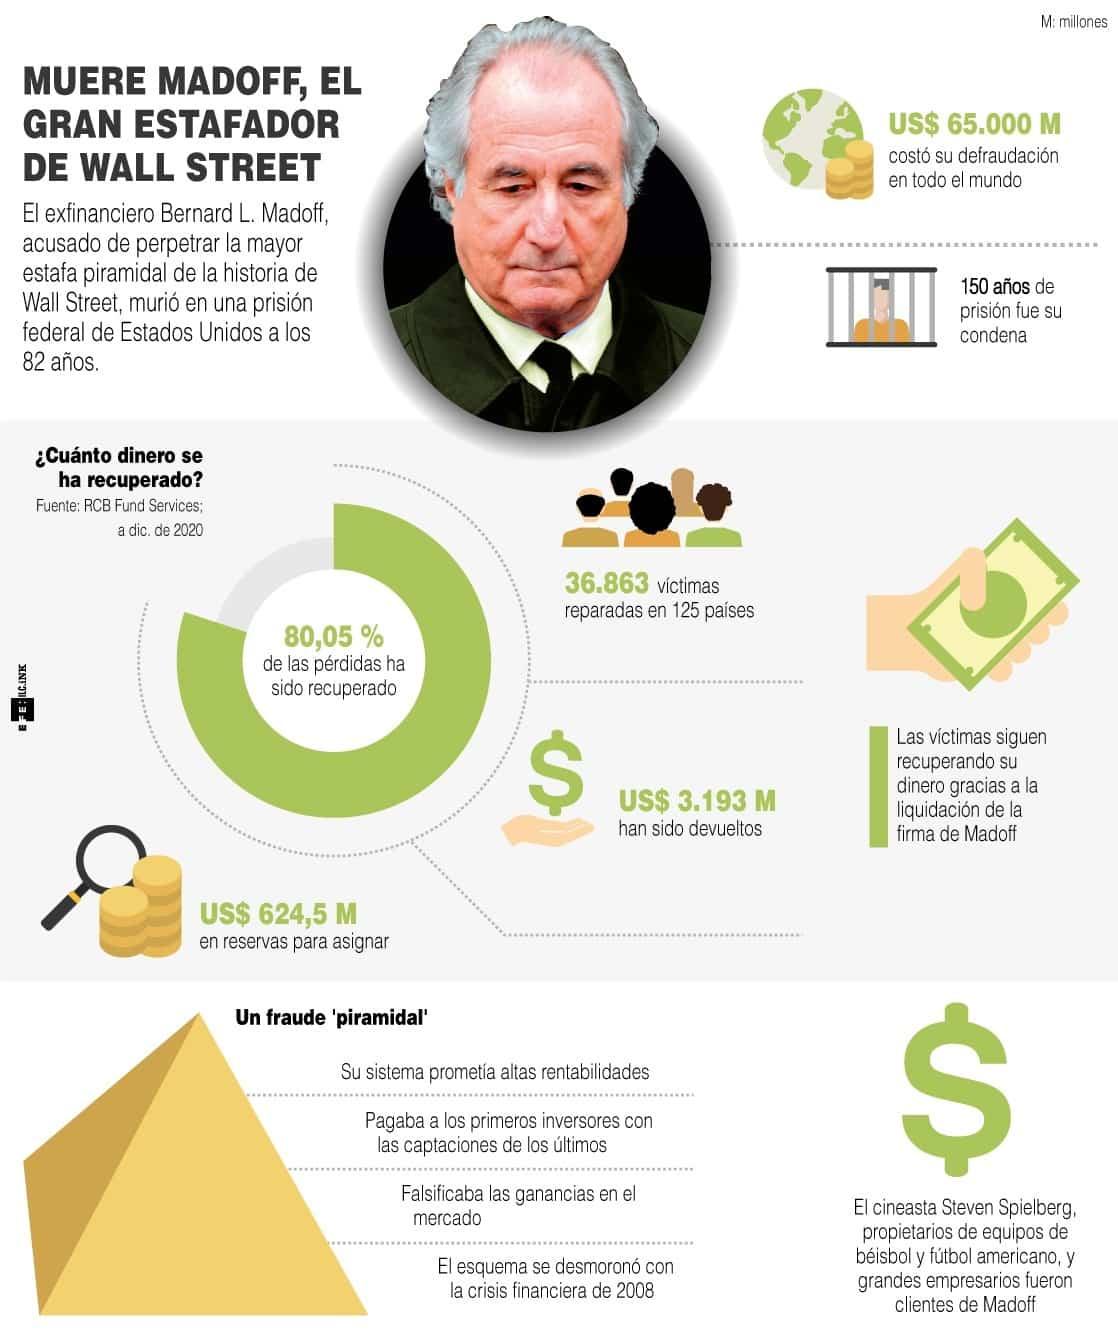 [Infografía] - Murió a los 82 años Madoff, responsable del mayor fraude de Wall Street 1